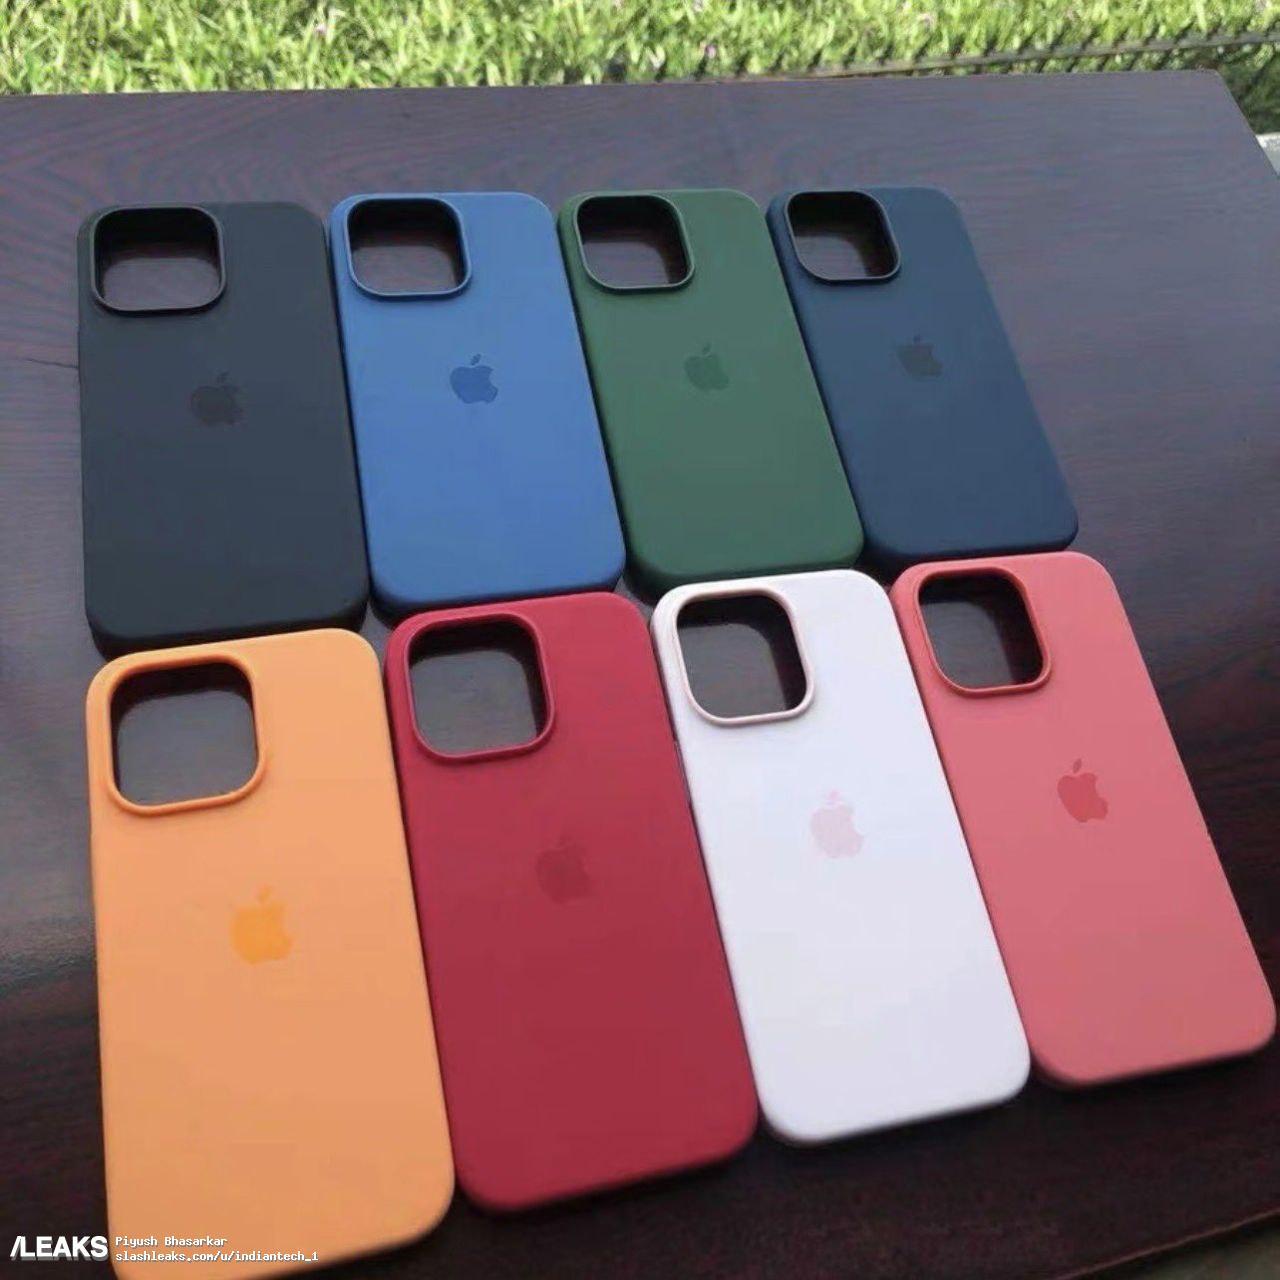 W sieci pojawiły się zdjęcia oryginalnych etui Apple do iPhone 13 ciekawostki silikonowe etui firmy apple, silikonowe etui do iphone 13, iPhone 13 Pro, iPhone 13, Apple  Serwis Slashleaks opublikował nowe zdjęcia silikonowych etui firmy Apple na smartfony z linii iPhone 13. Zobaczcie je wszystkie już teraz. iphone13 silikonowe etui